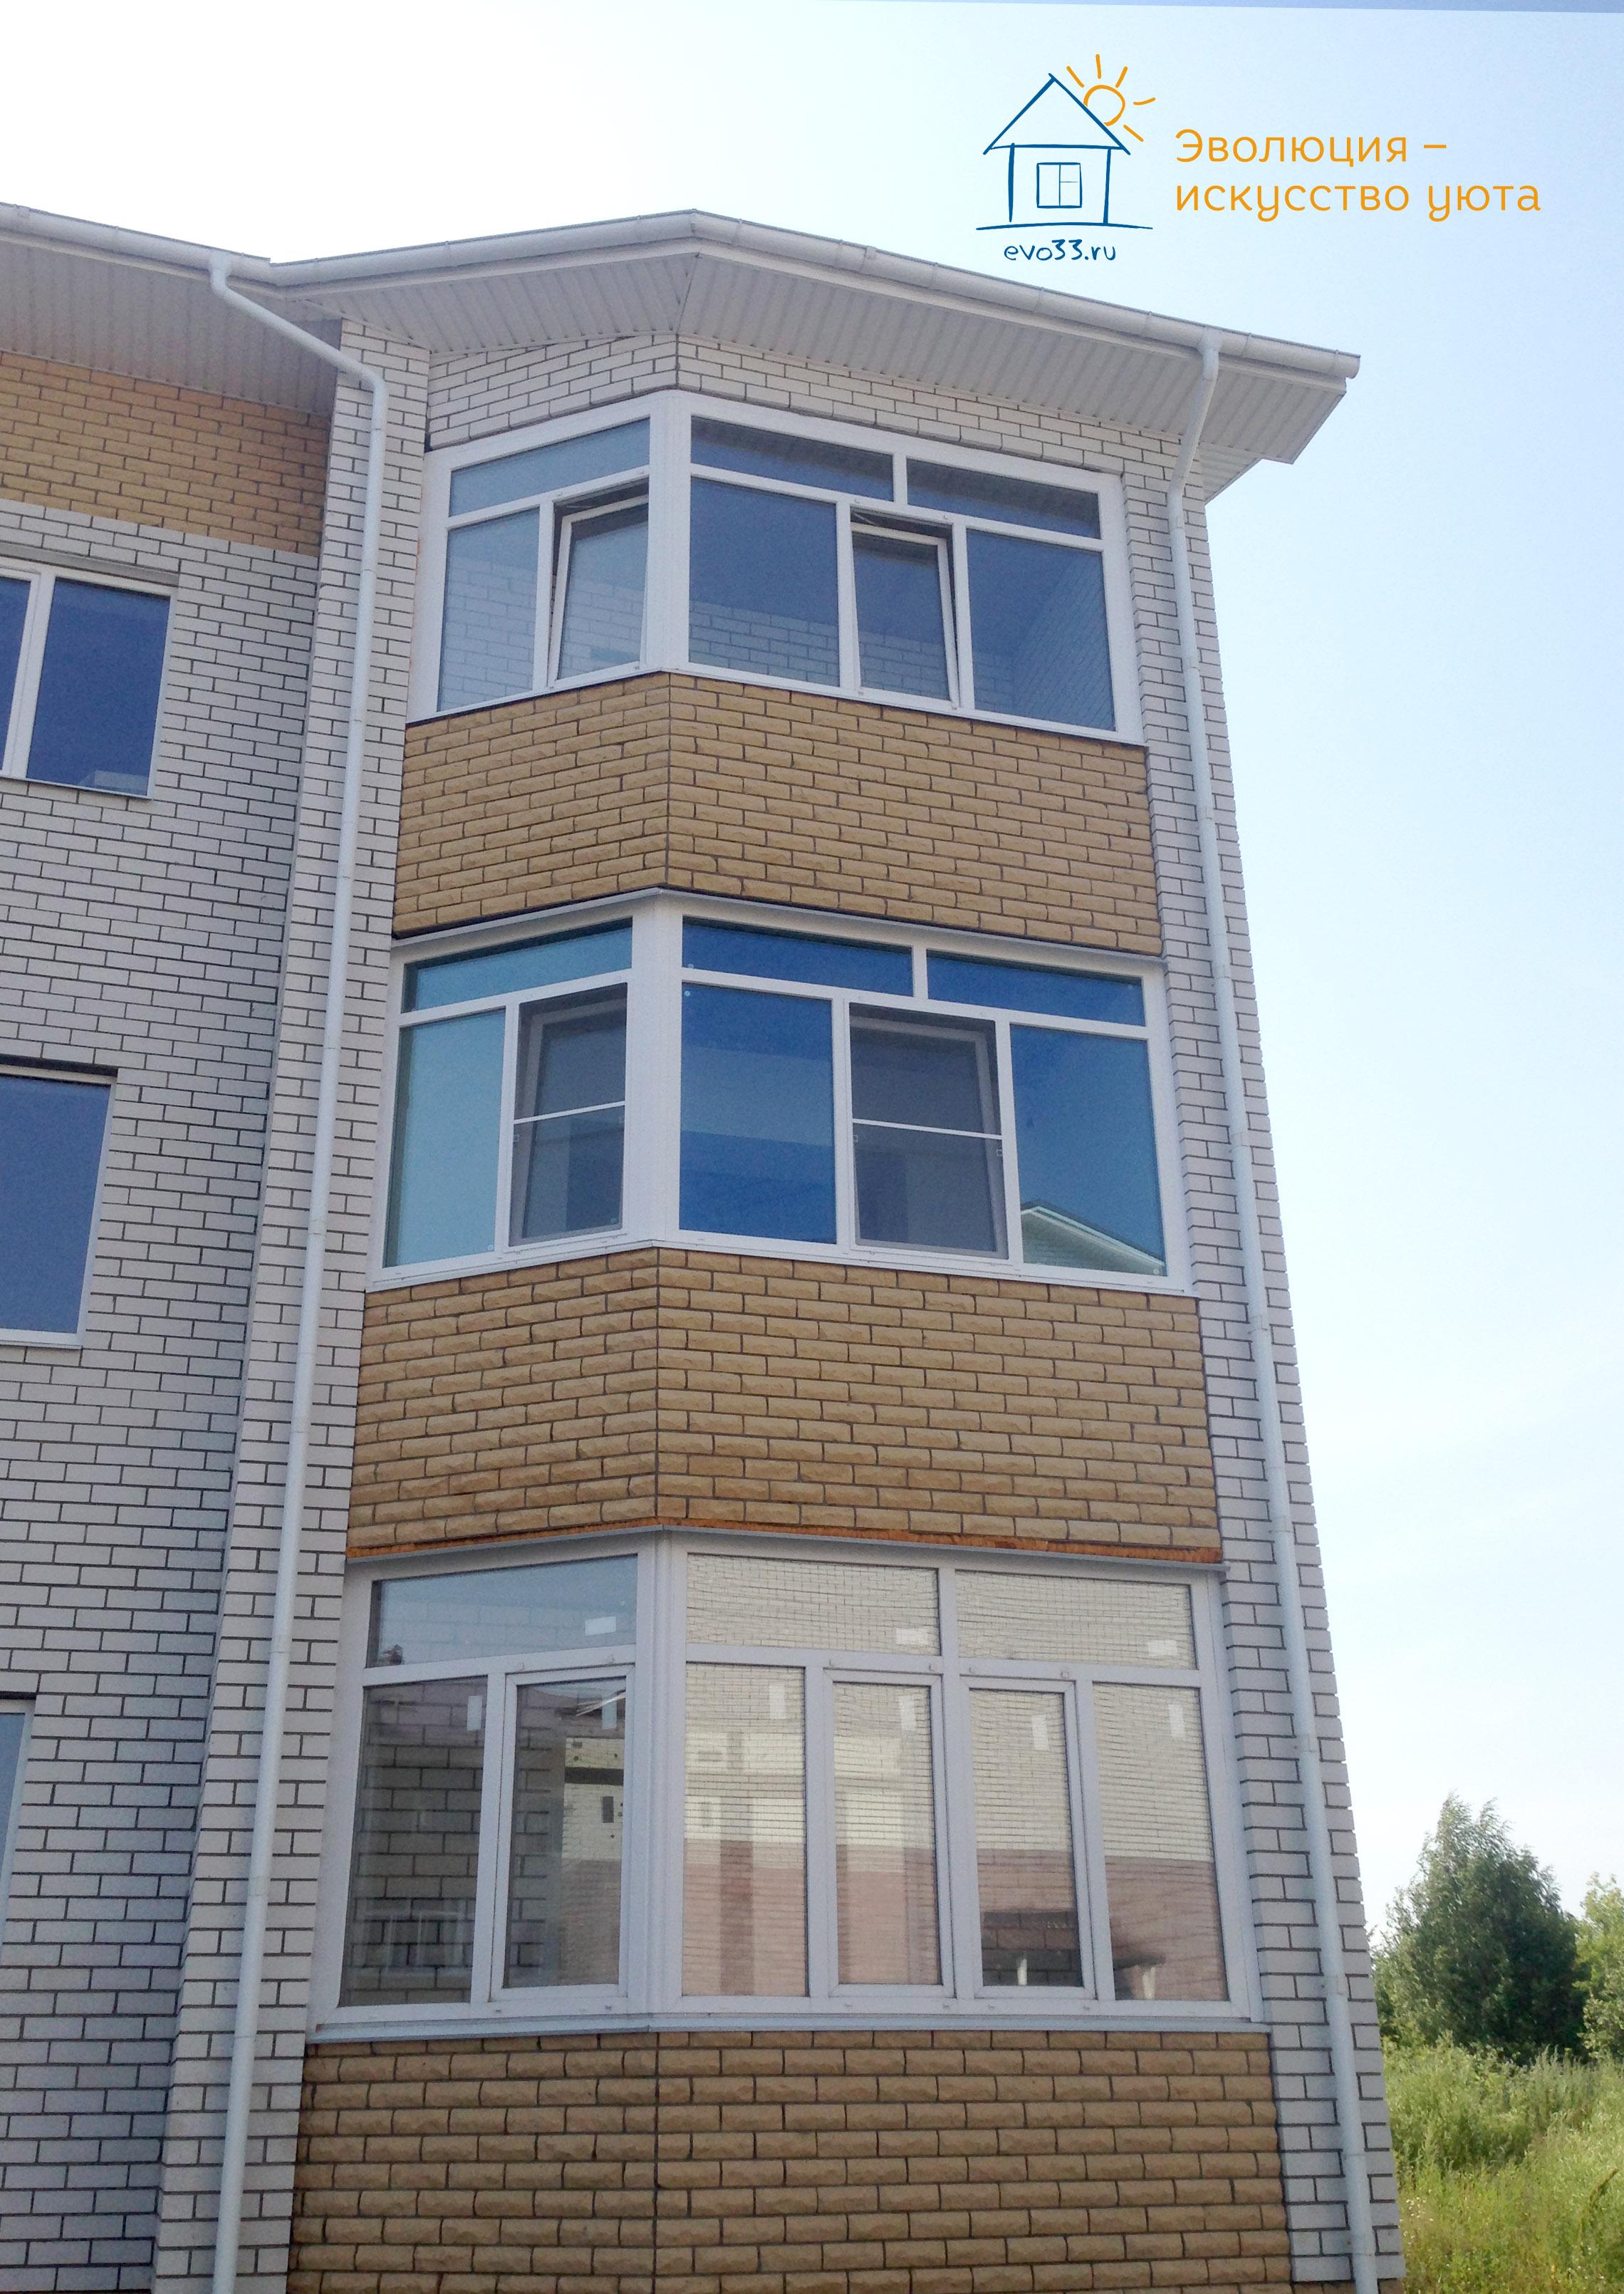 Услуги - уютный балкон для хорошего человека в владимирской .